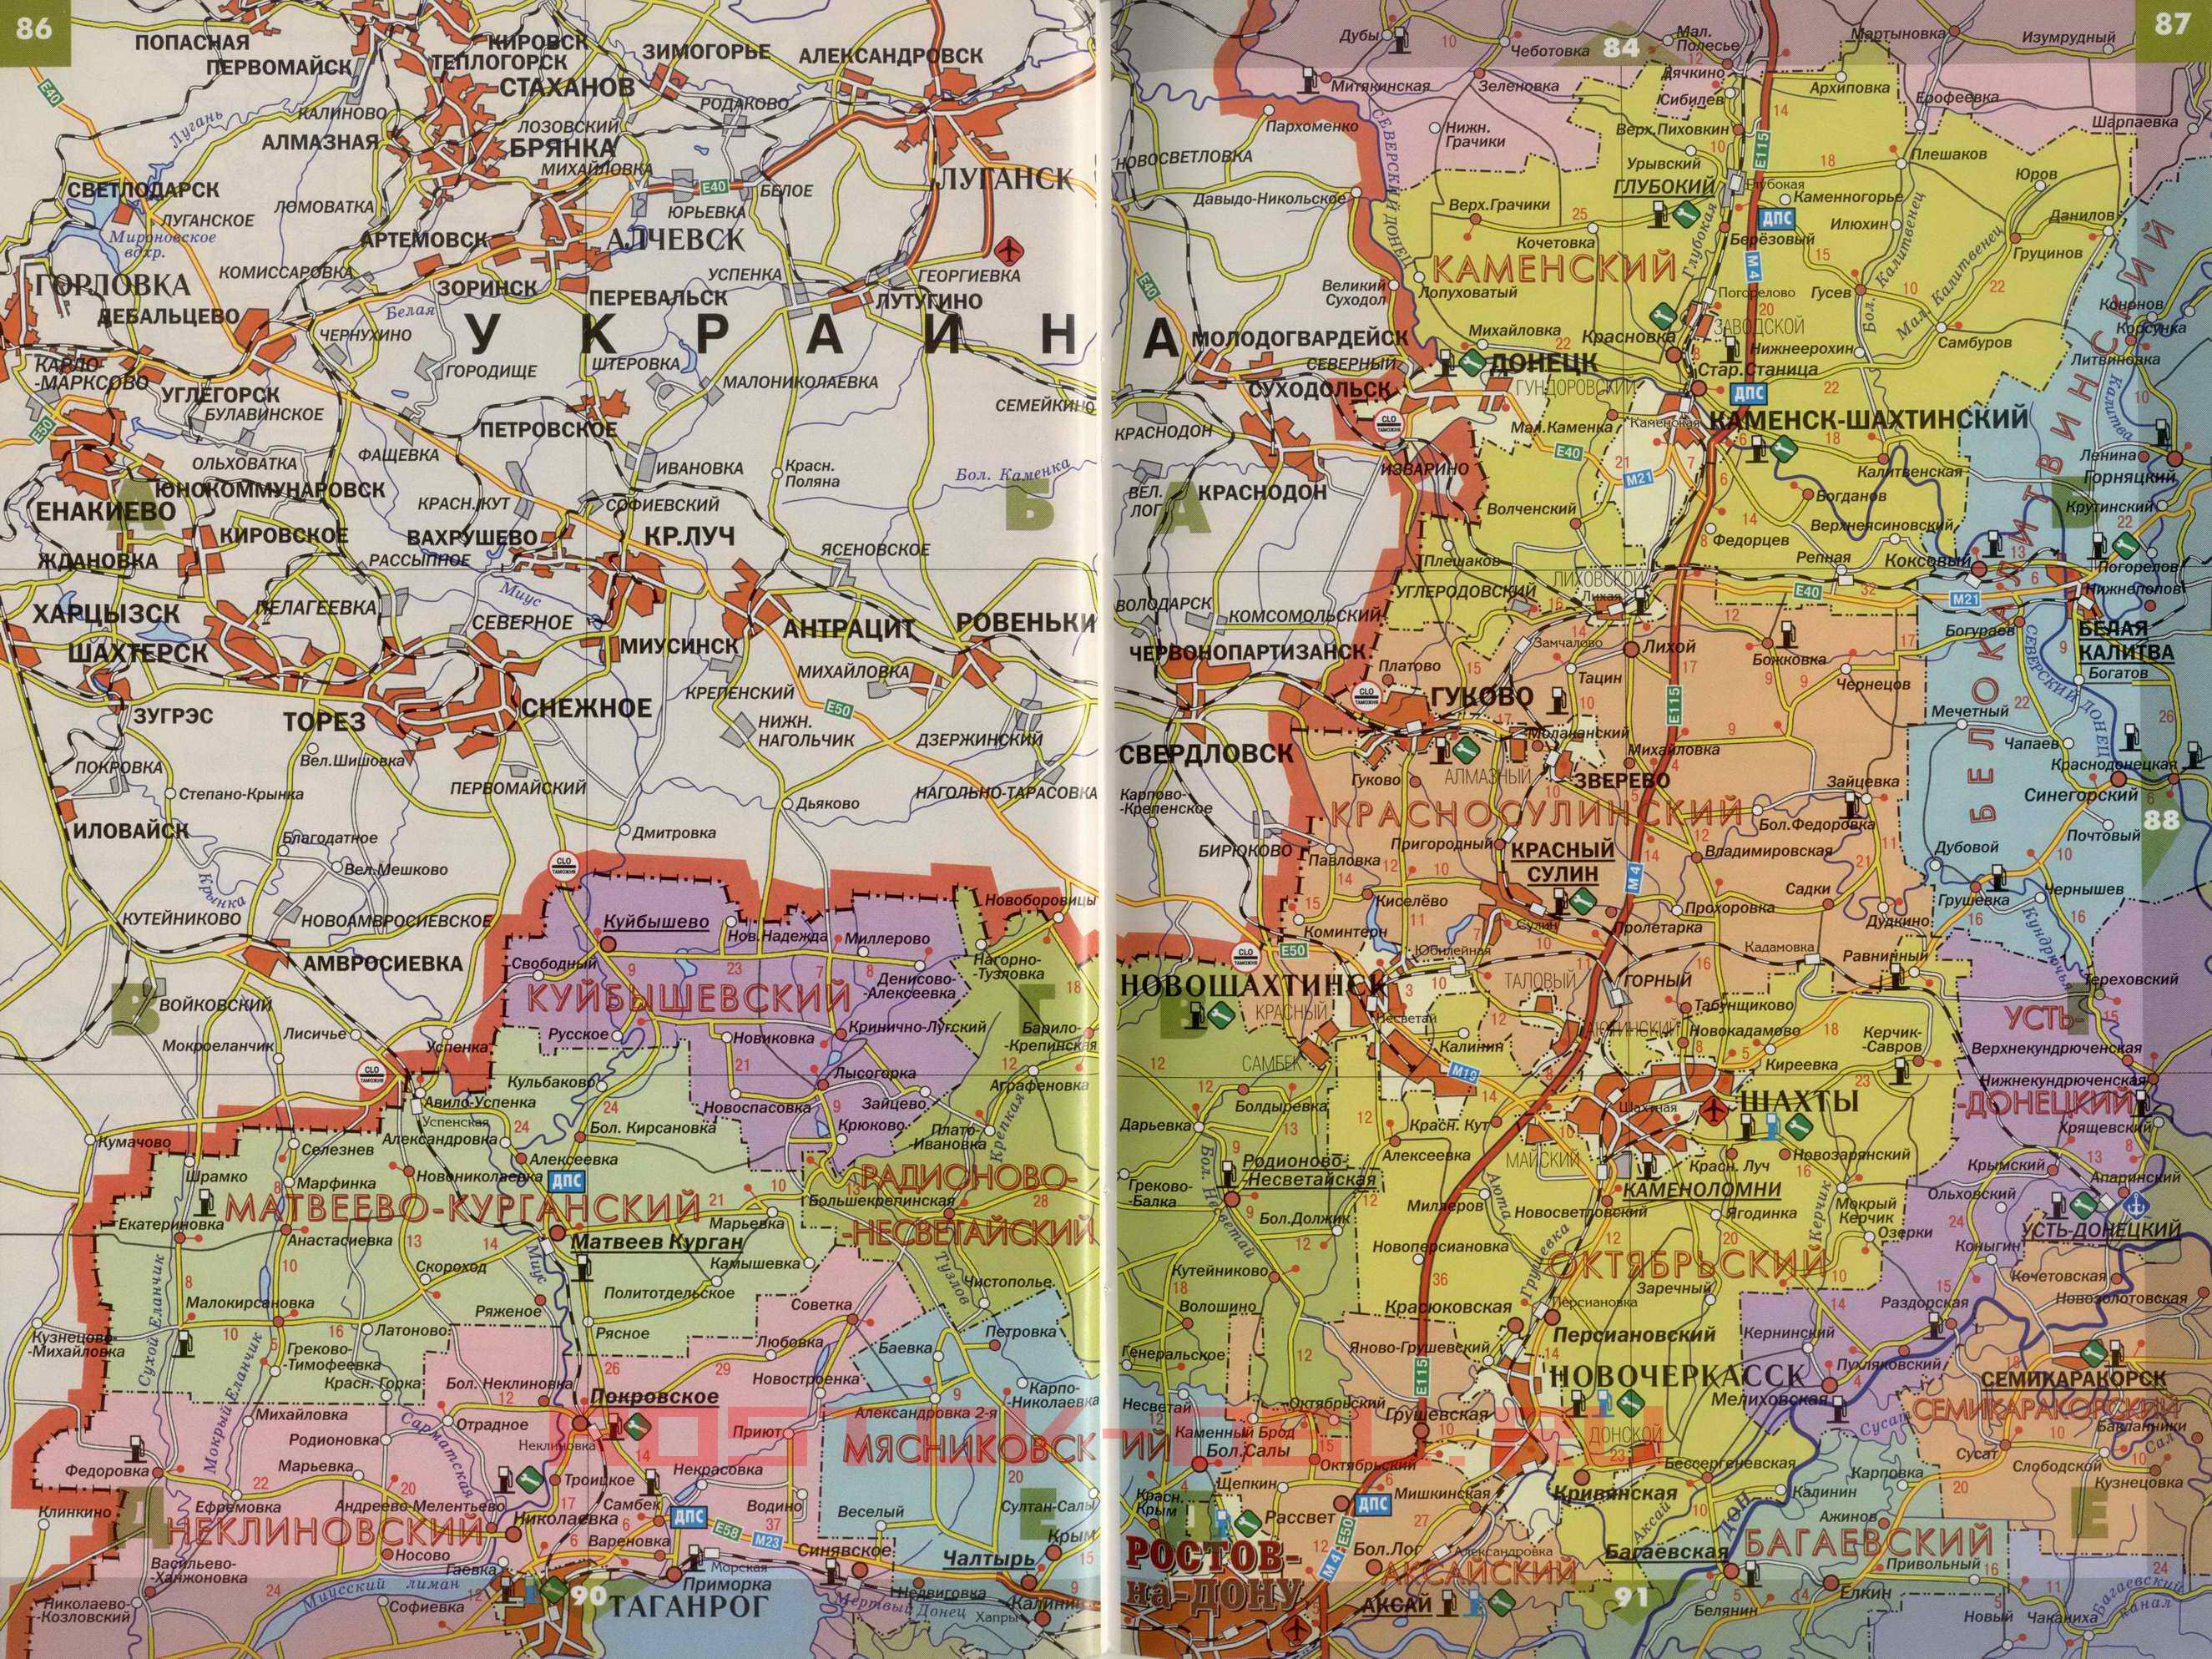 Подробная Карта Автомобильных Дорог Ростовской Области